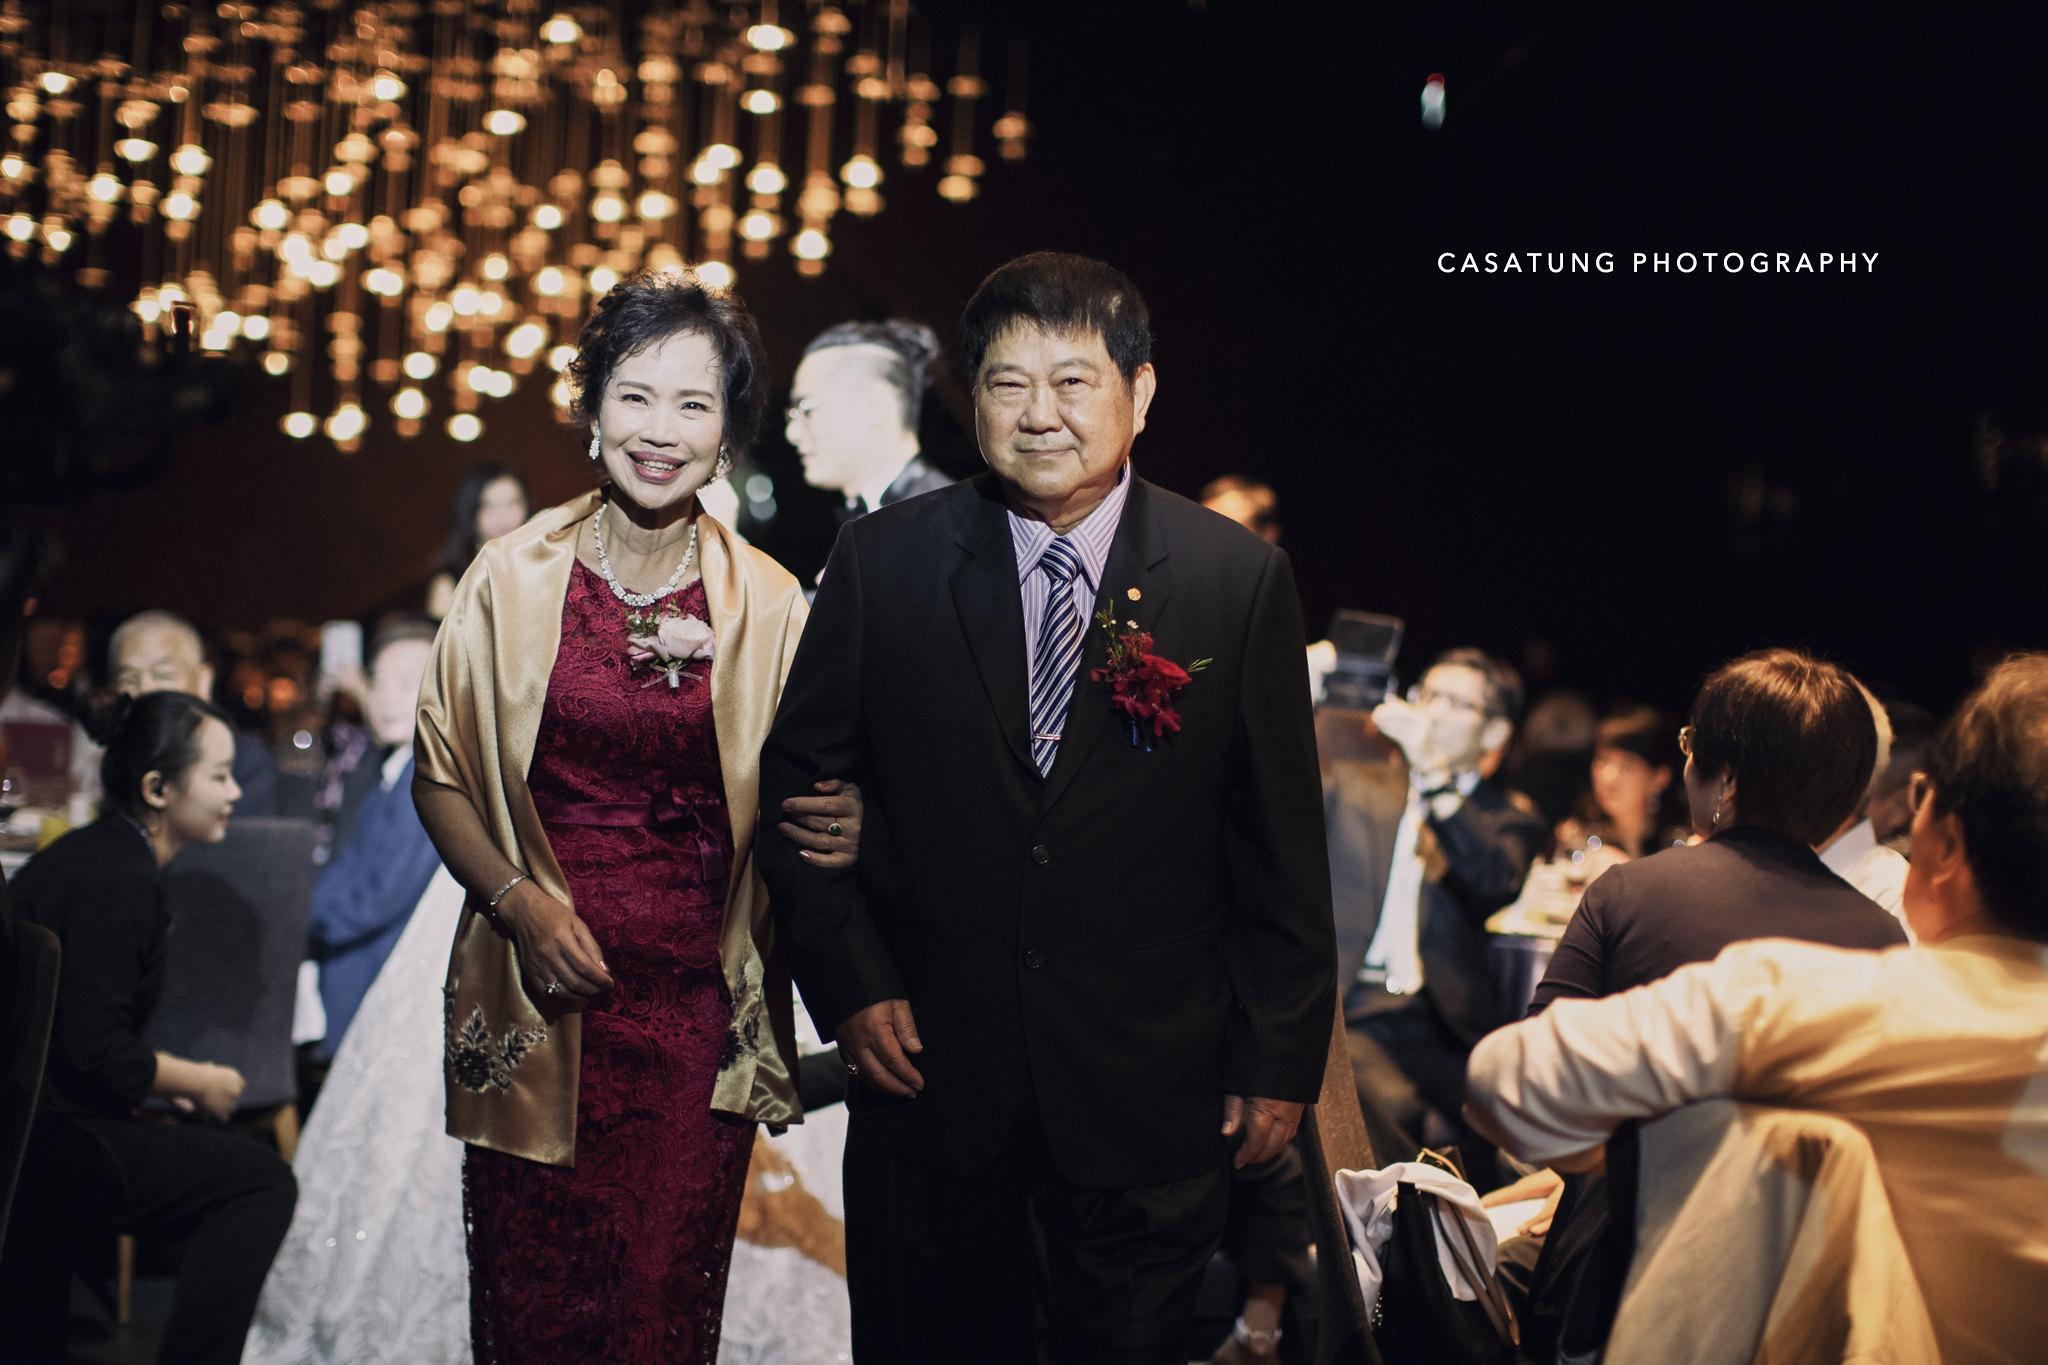 台中自助婚紗,旋轉木馬,casatung,心之芳庭,婚攝casa-200